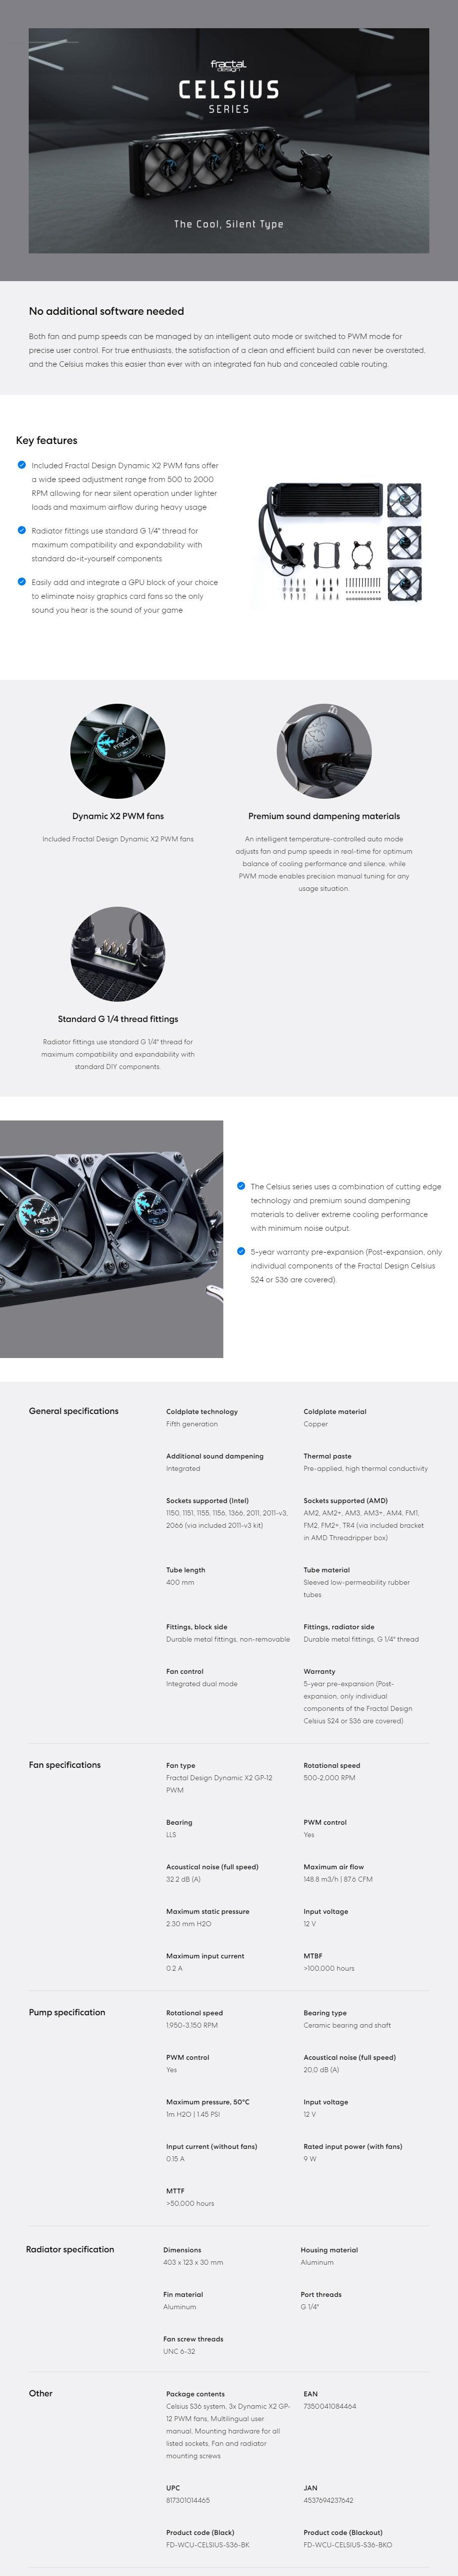 Fractal Design Celsius S36 Liquid CPU Cooler - Blackout - Overview 1